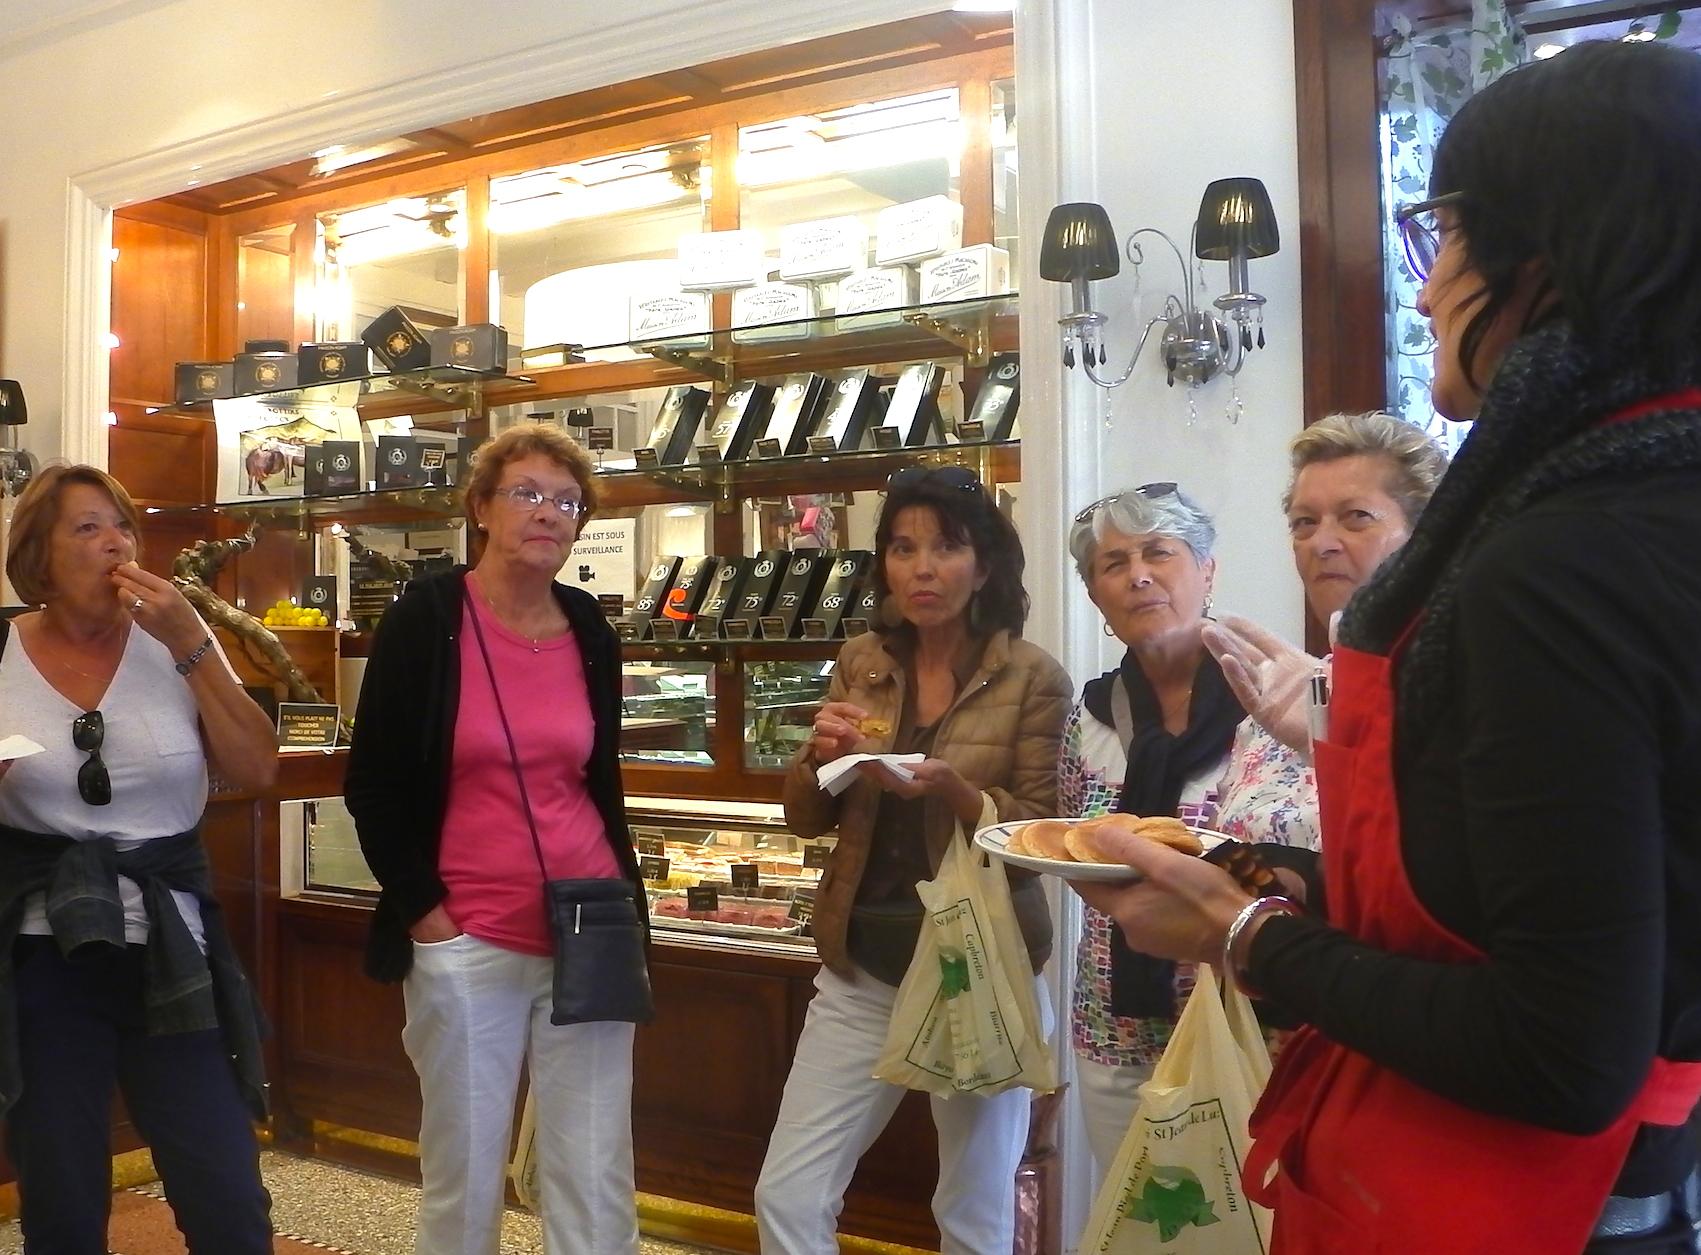 journée-visite-guidée-saint-jean-de-luz-agence-voyage-pays-basque-degustation-macarons-maison-adam-30